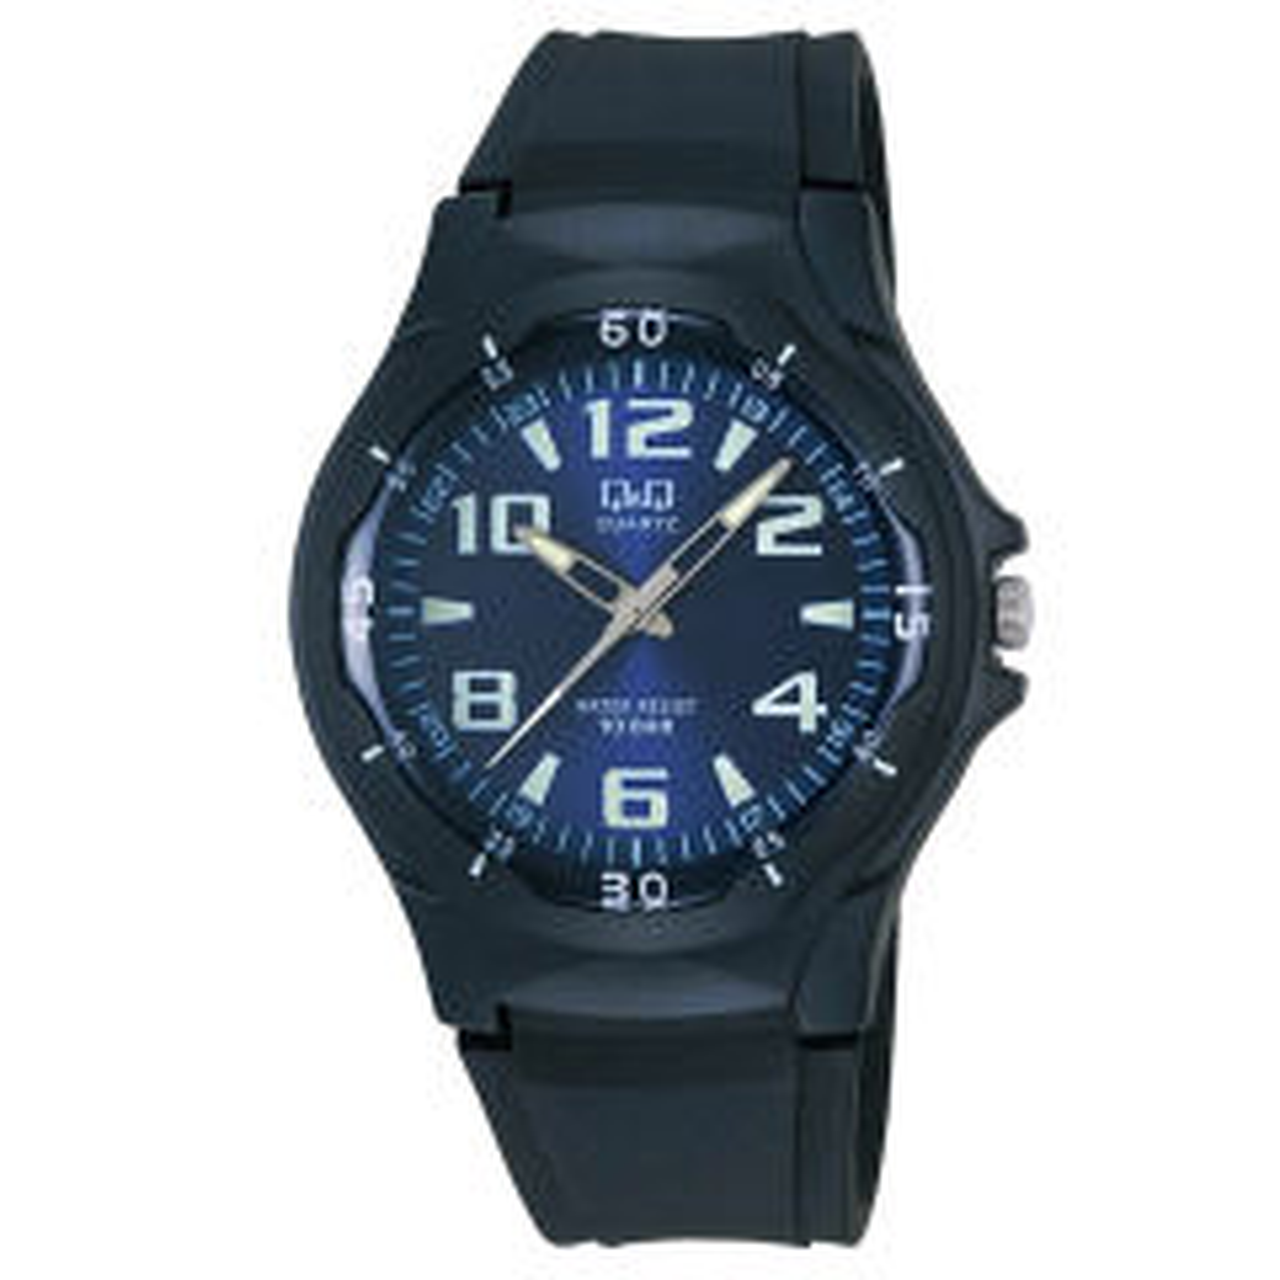 ساعت مچی عقربه ای مردانه کیو اند کیو مدل vp58j003y به همراه دستمال مخصوص برند کلین واچ 55